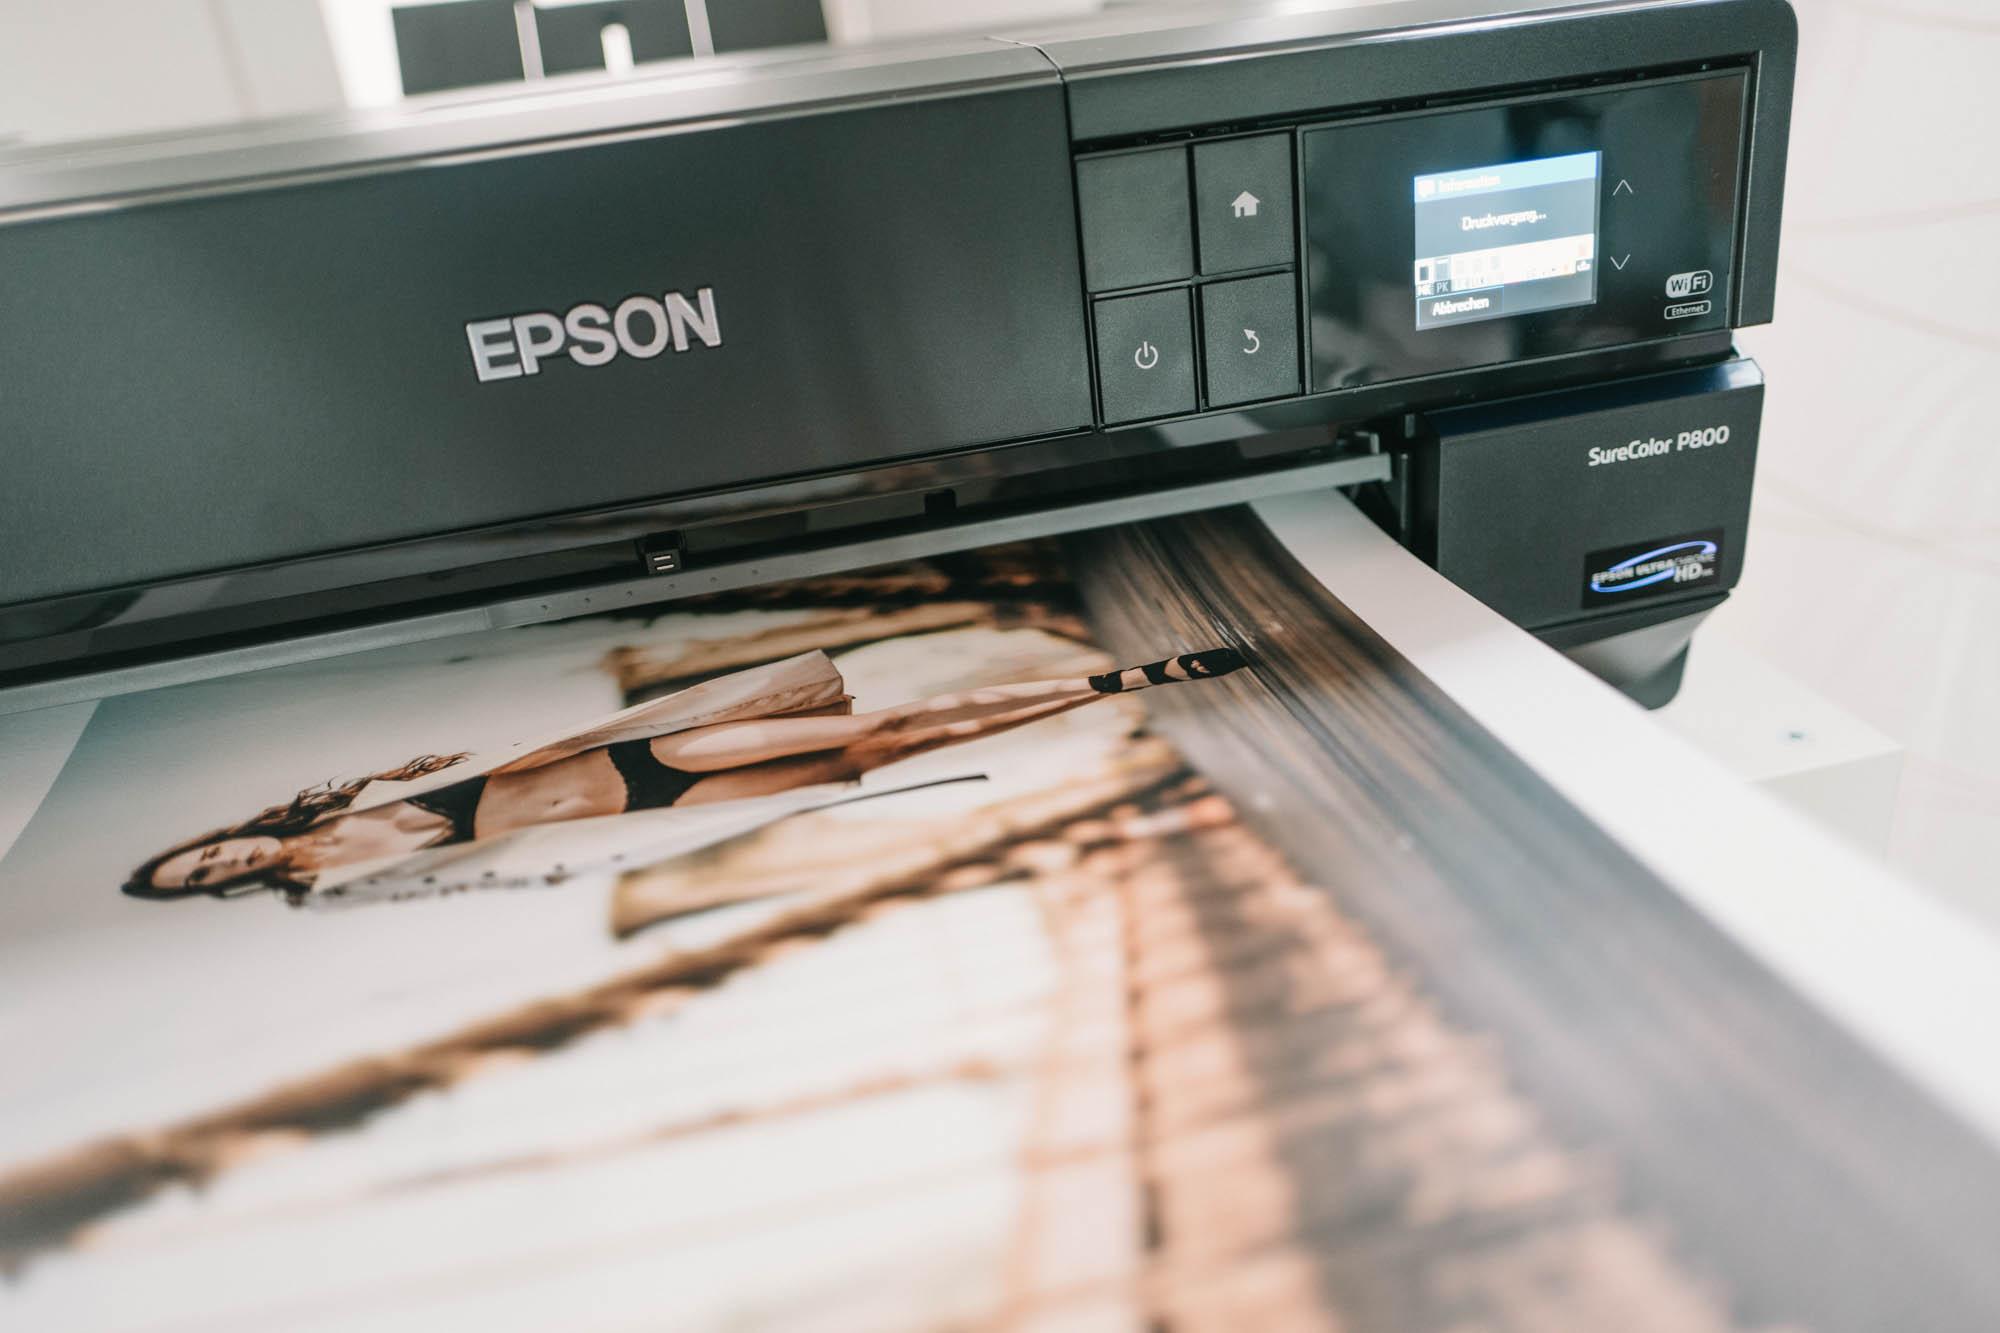 Epson sc p800 test einrichtung papier neunzehn72 - Farben test farbtyp einrichtung ...